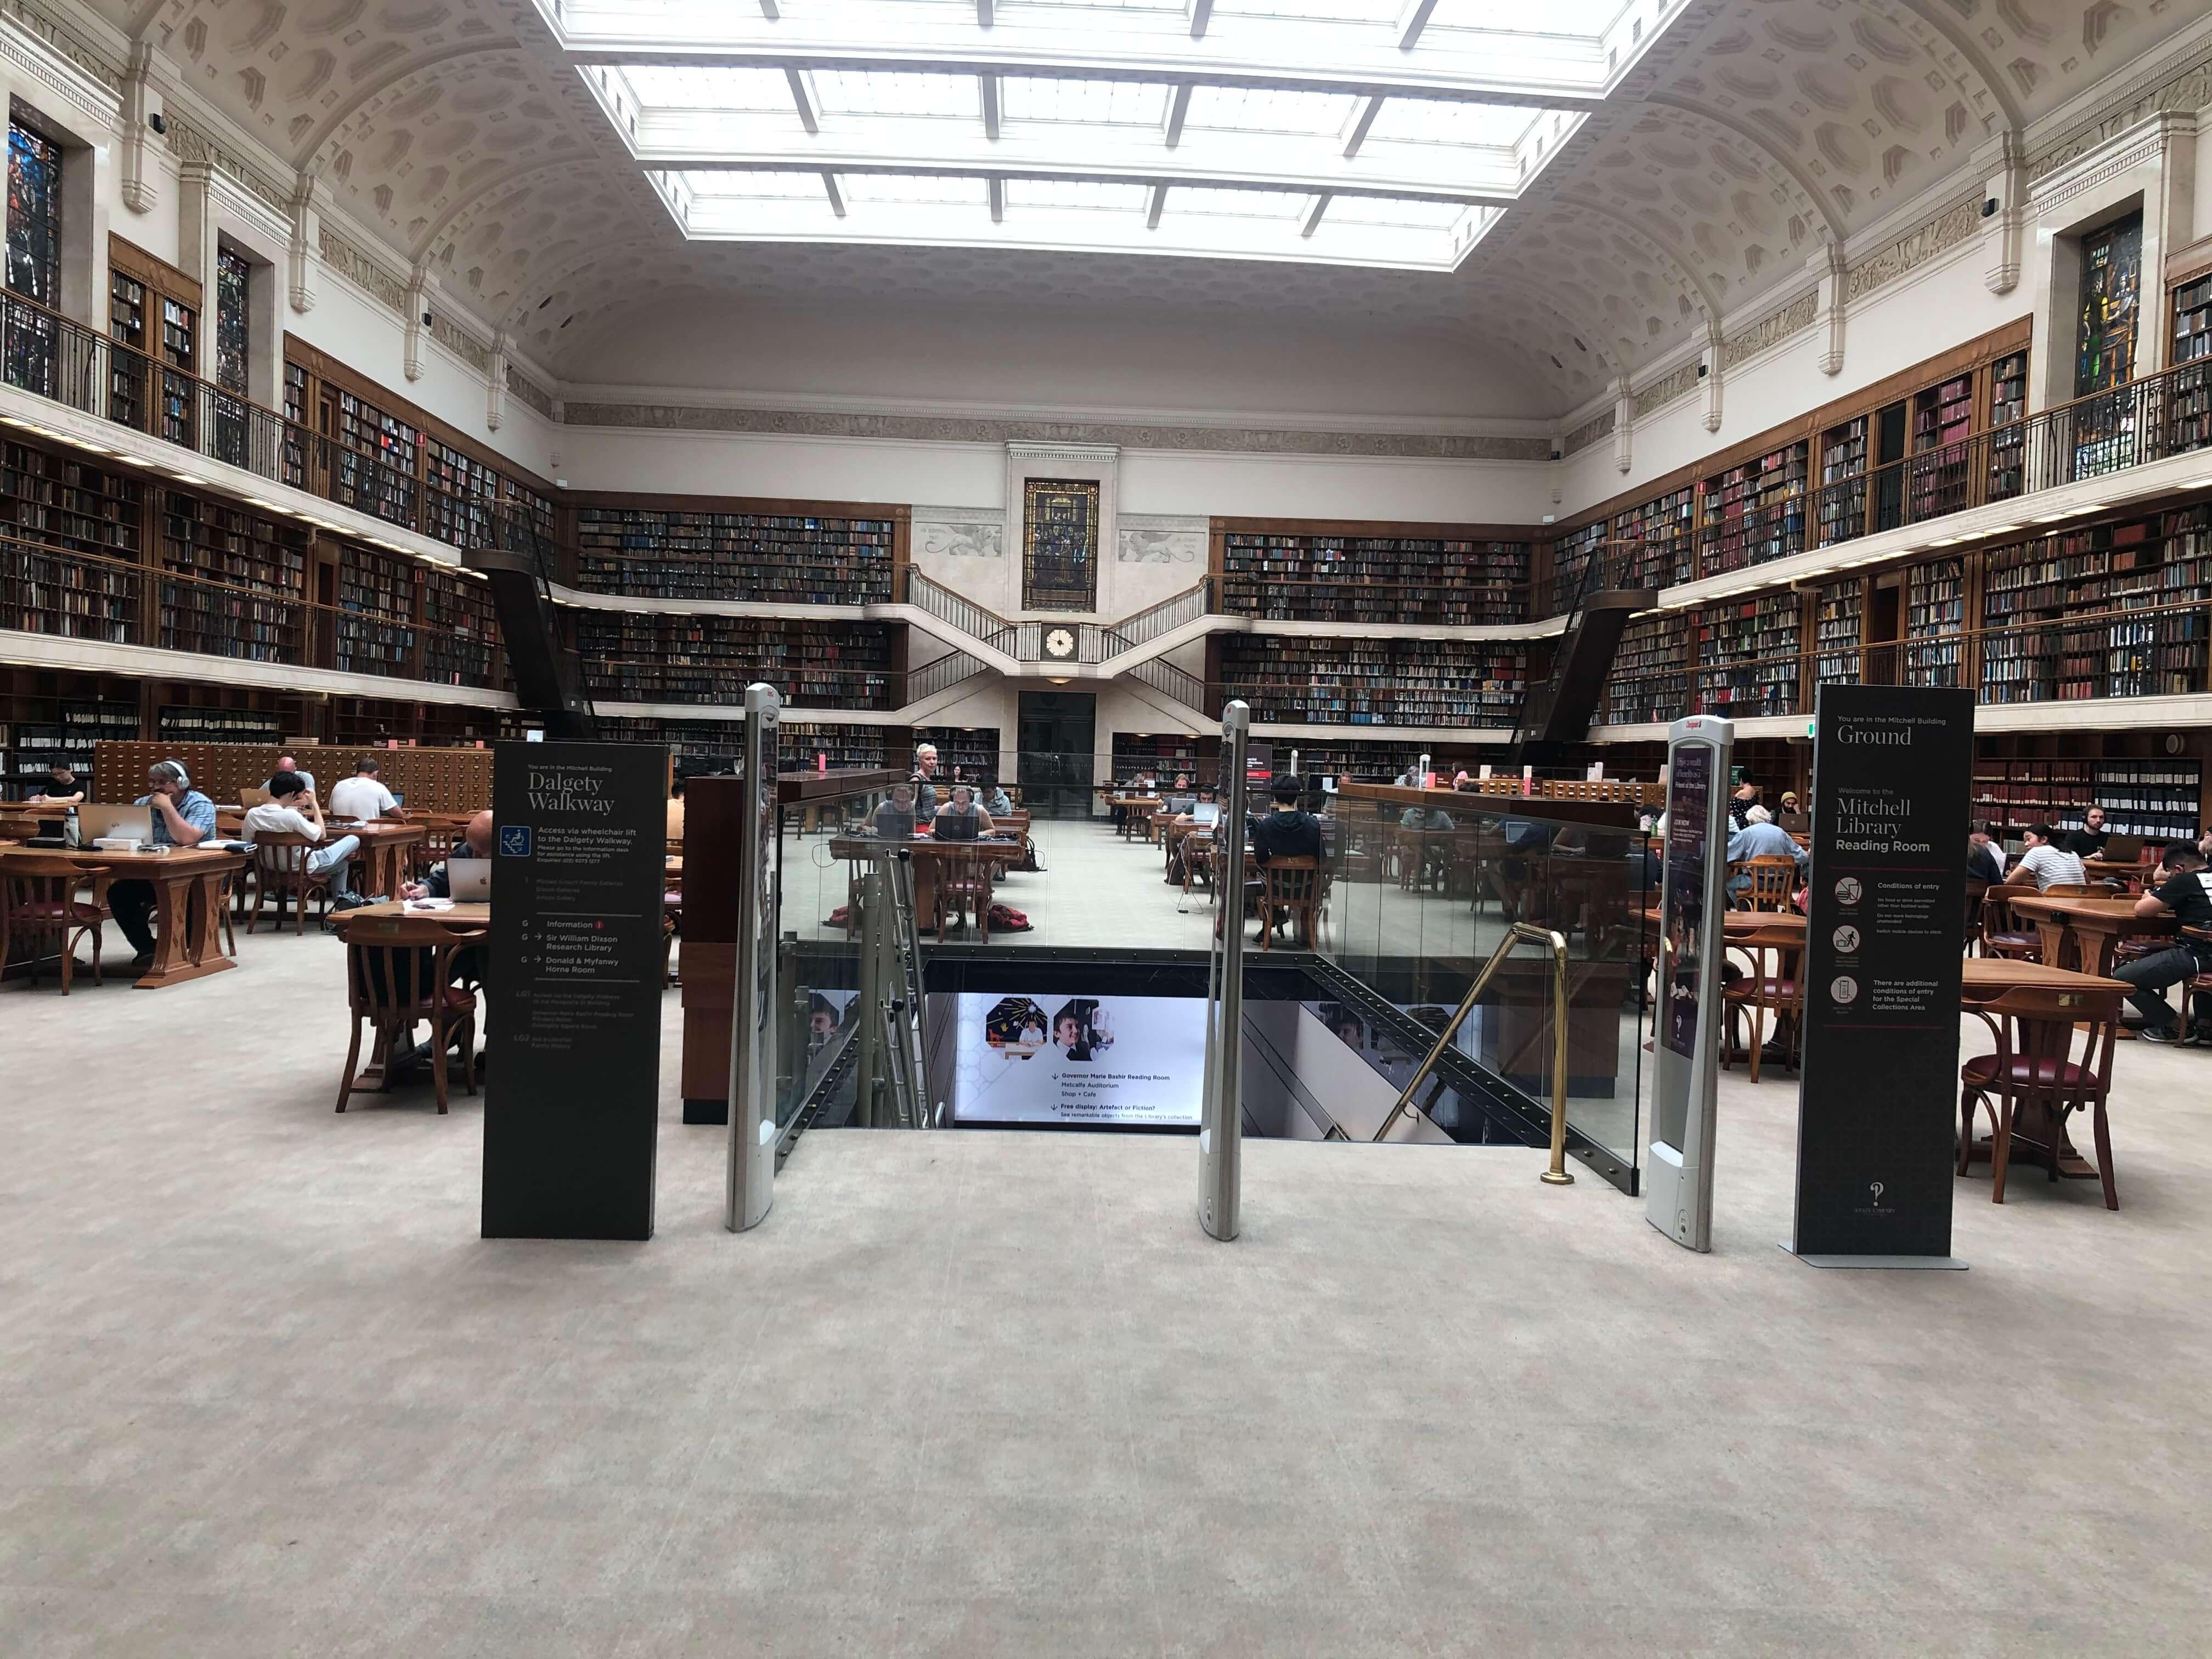 ハリーポッターの世界観を楽しめる図書館